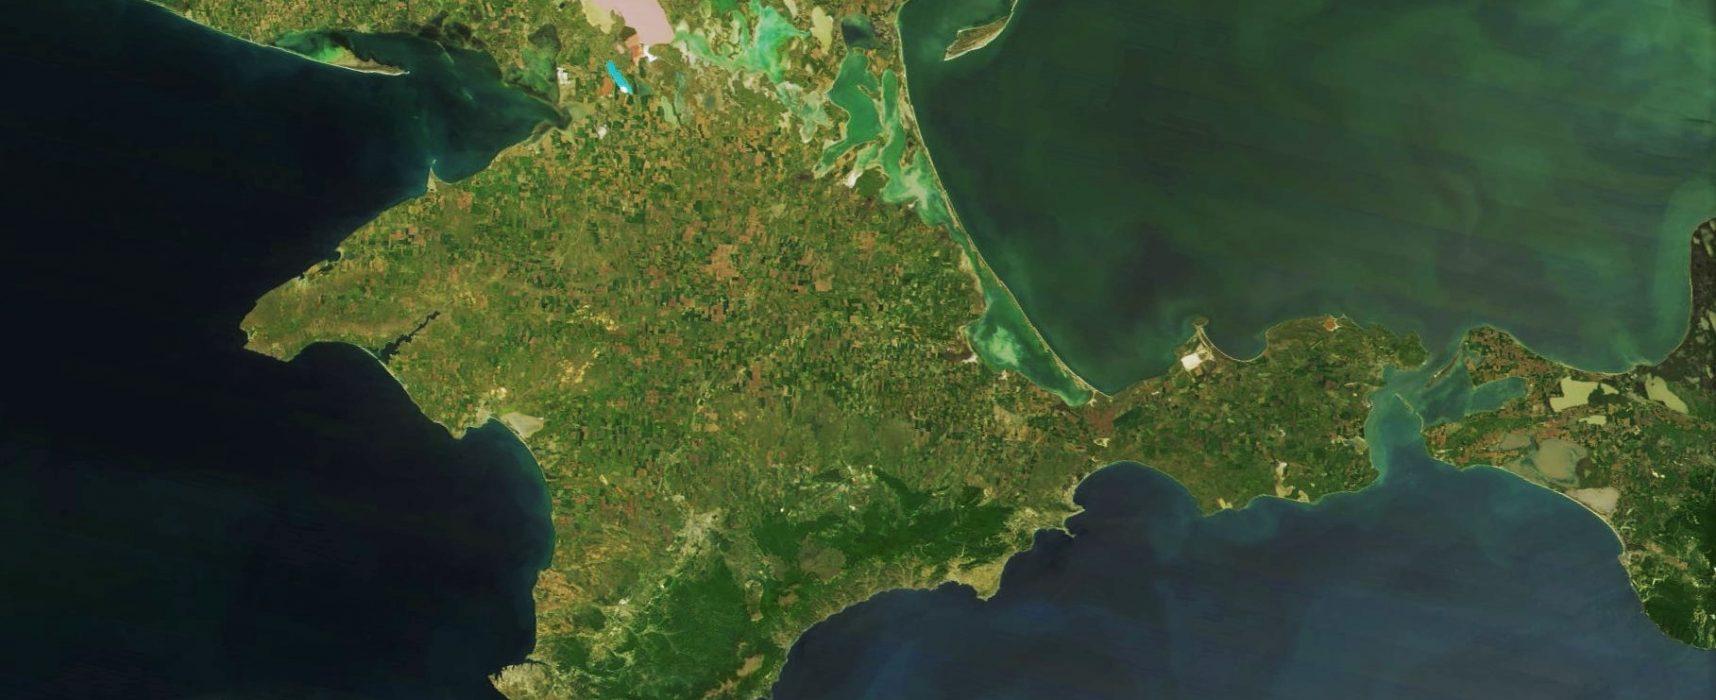 «Иностранные журналисты», похвалившие развитие Крыма, оказались не журналистами или не совсем иностранными